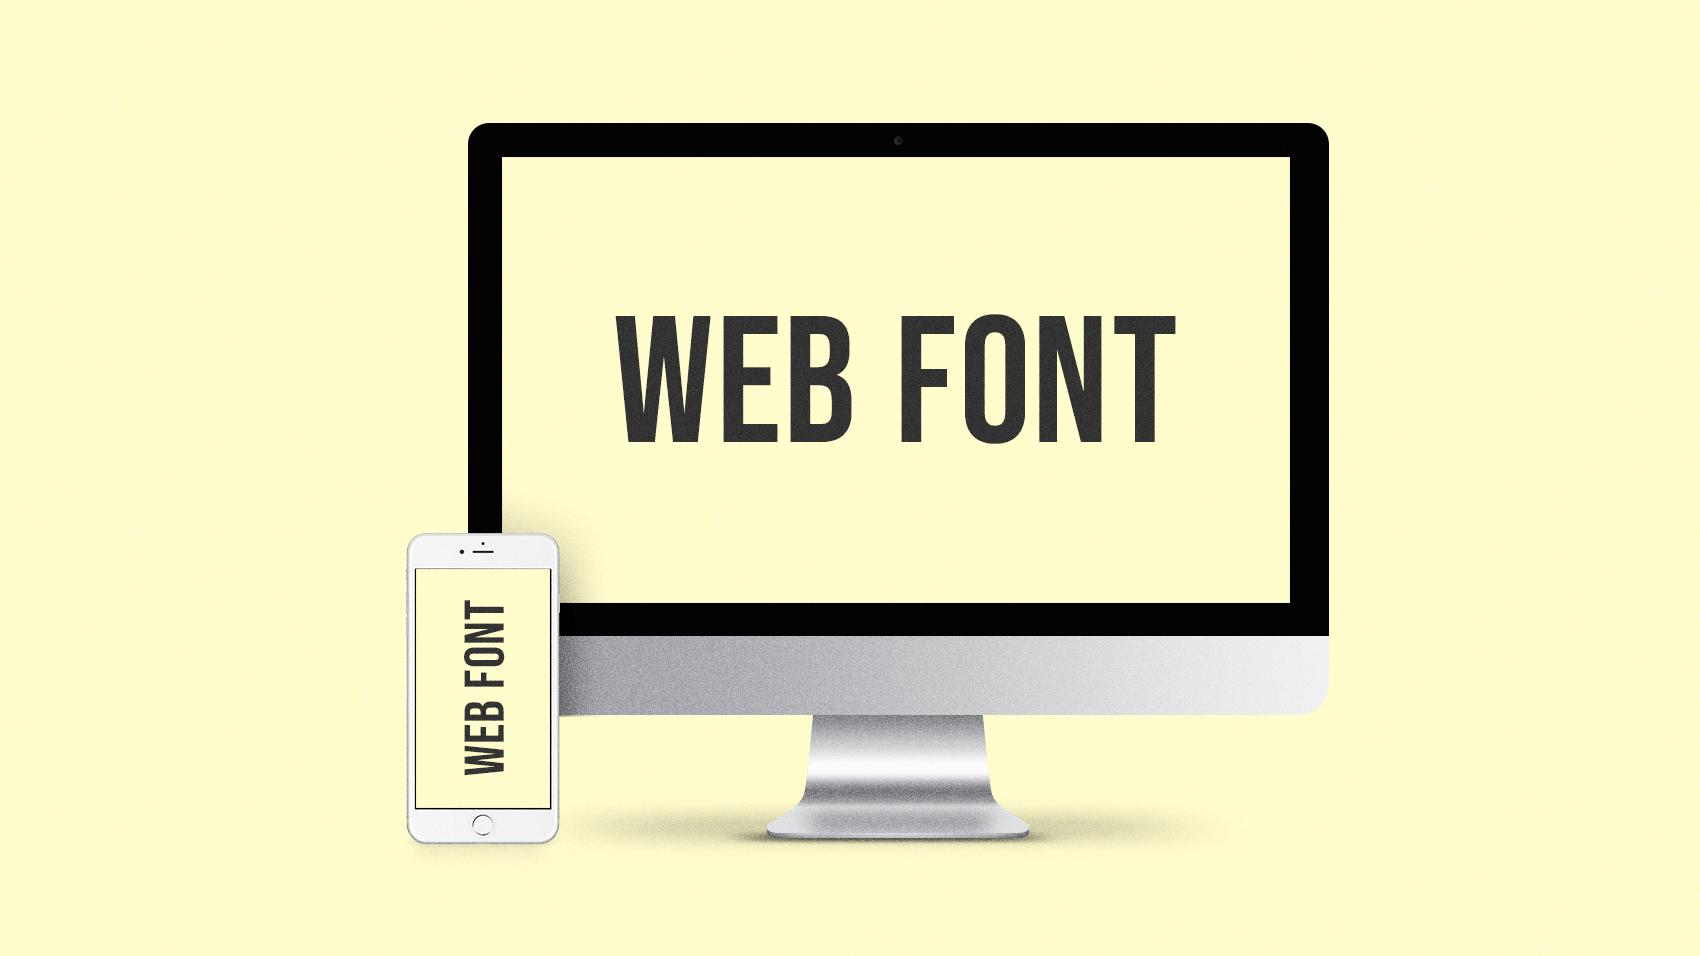 webサイトデザイン時にボクがよく使うwebフォントを5つ選んで紹介します